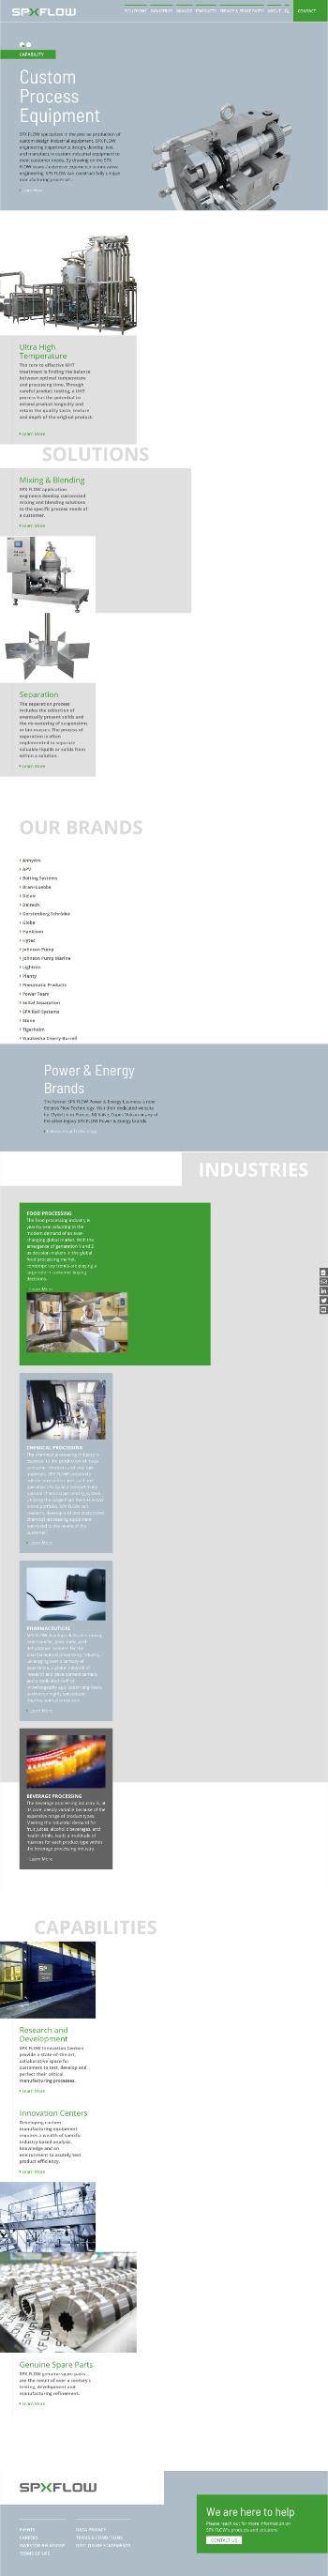 SPX FLOW, Inc. Website Screenshot